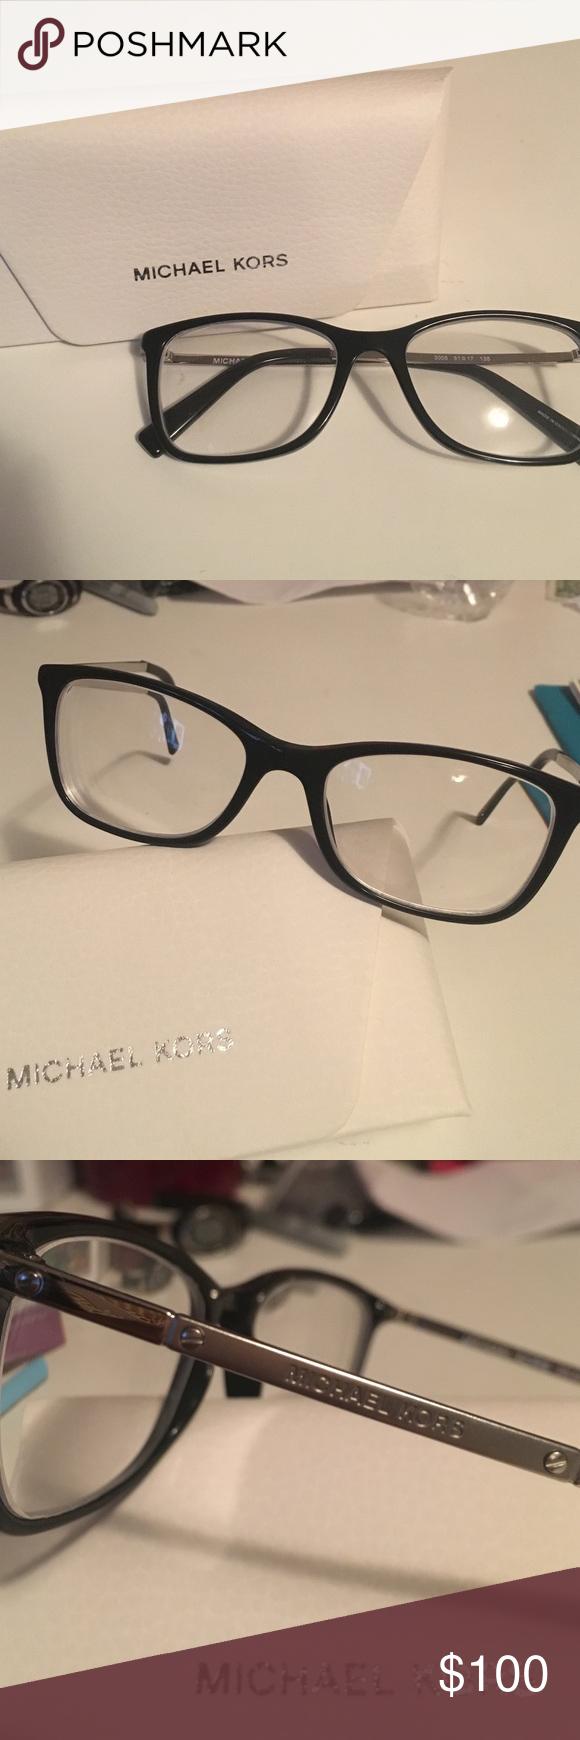 Micheal Kors Frames | Pinterest | Eye doctor, Plain black and Lenses